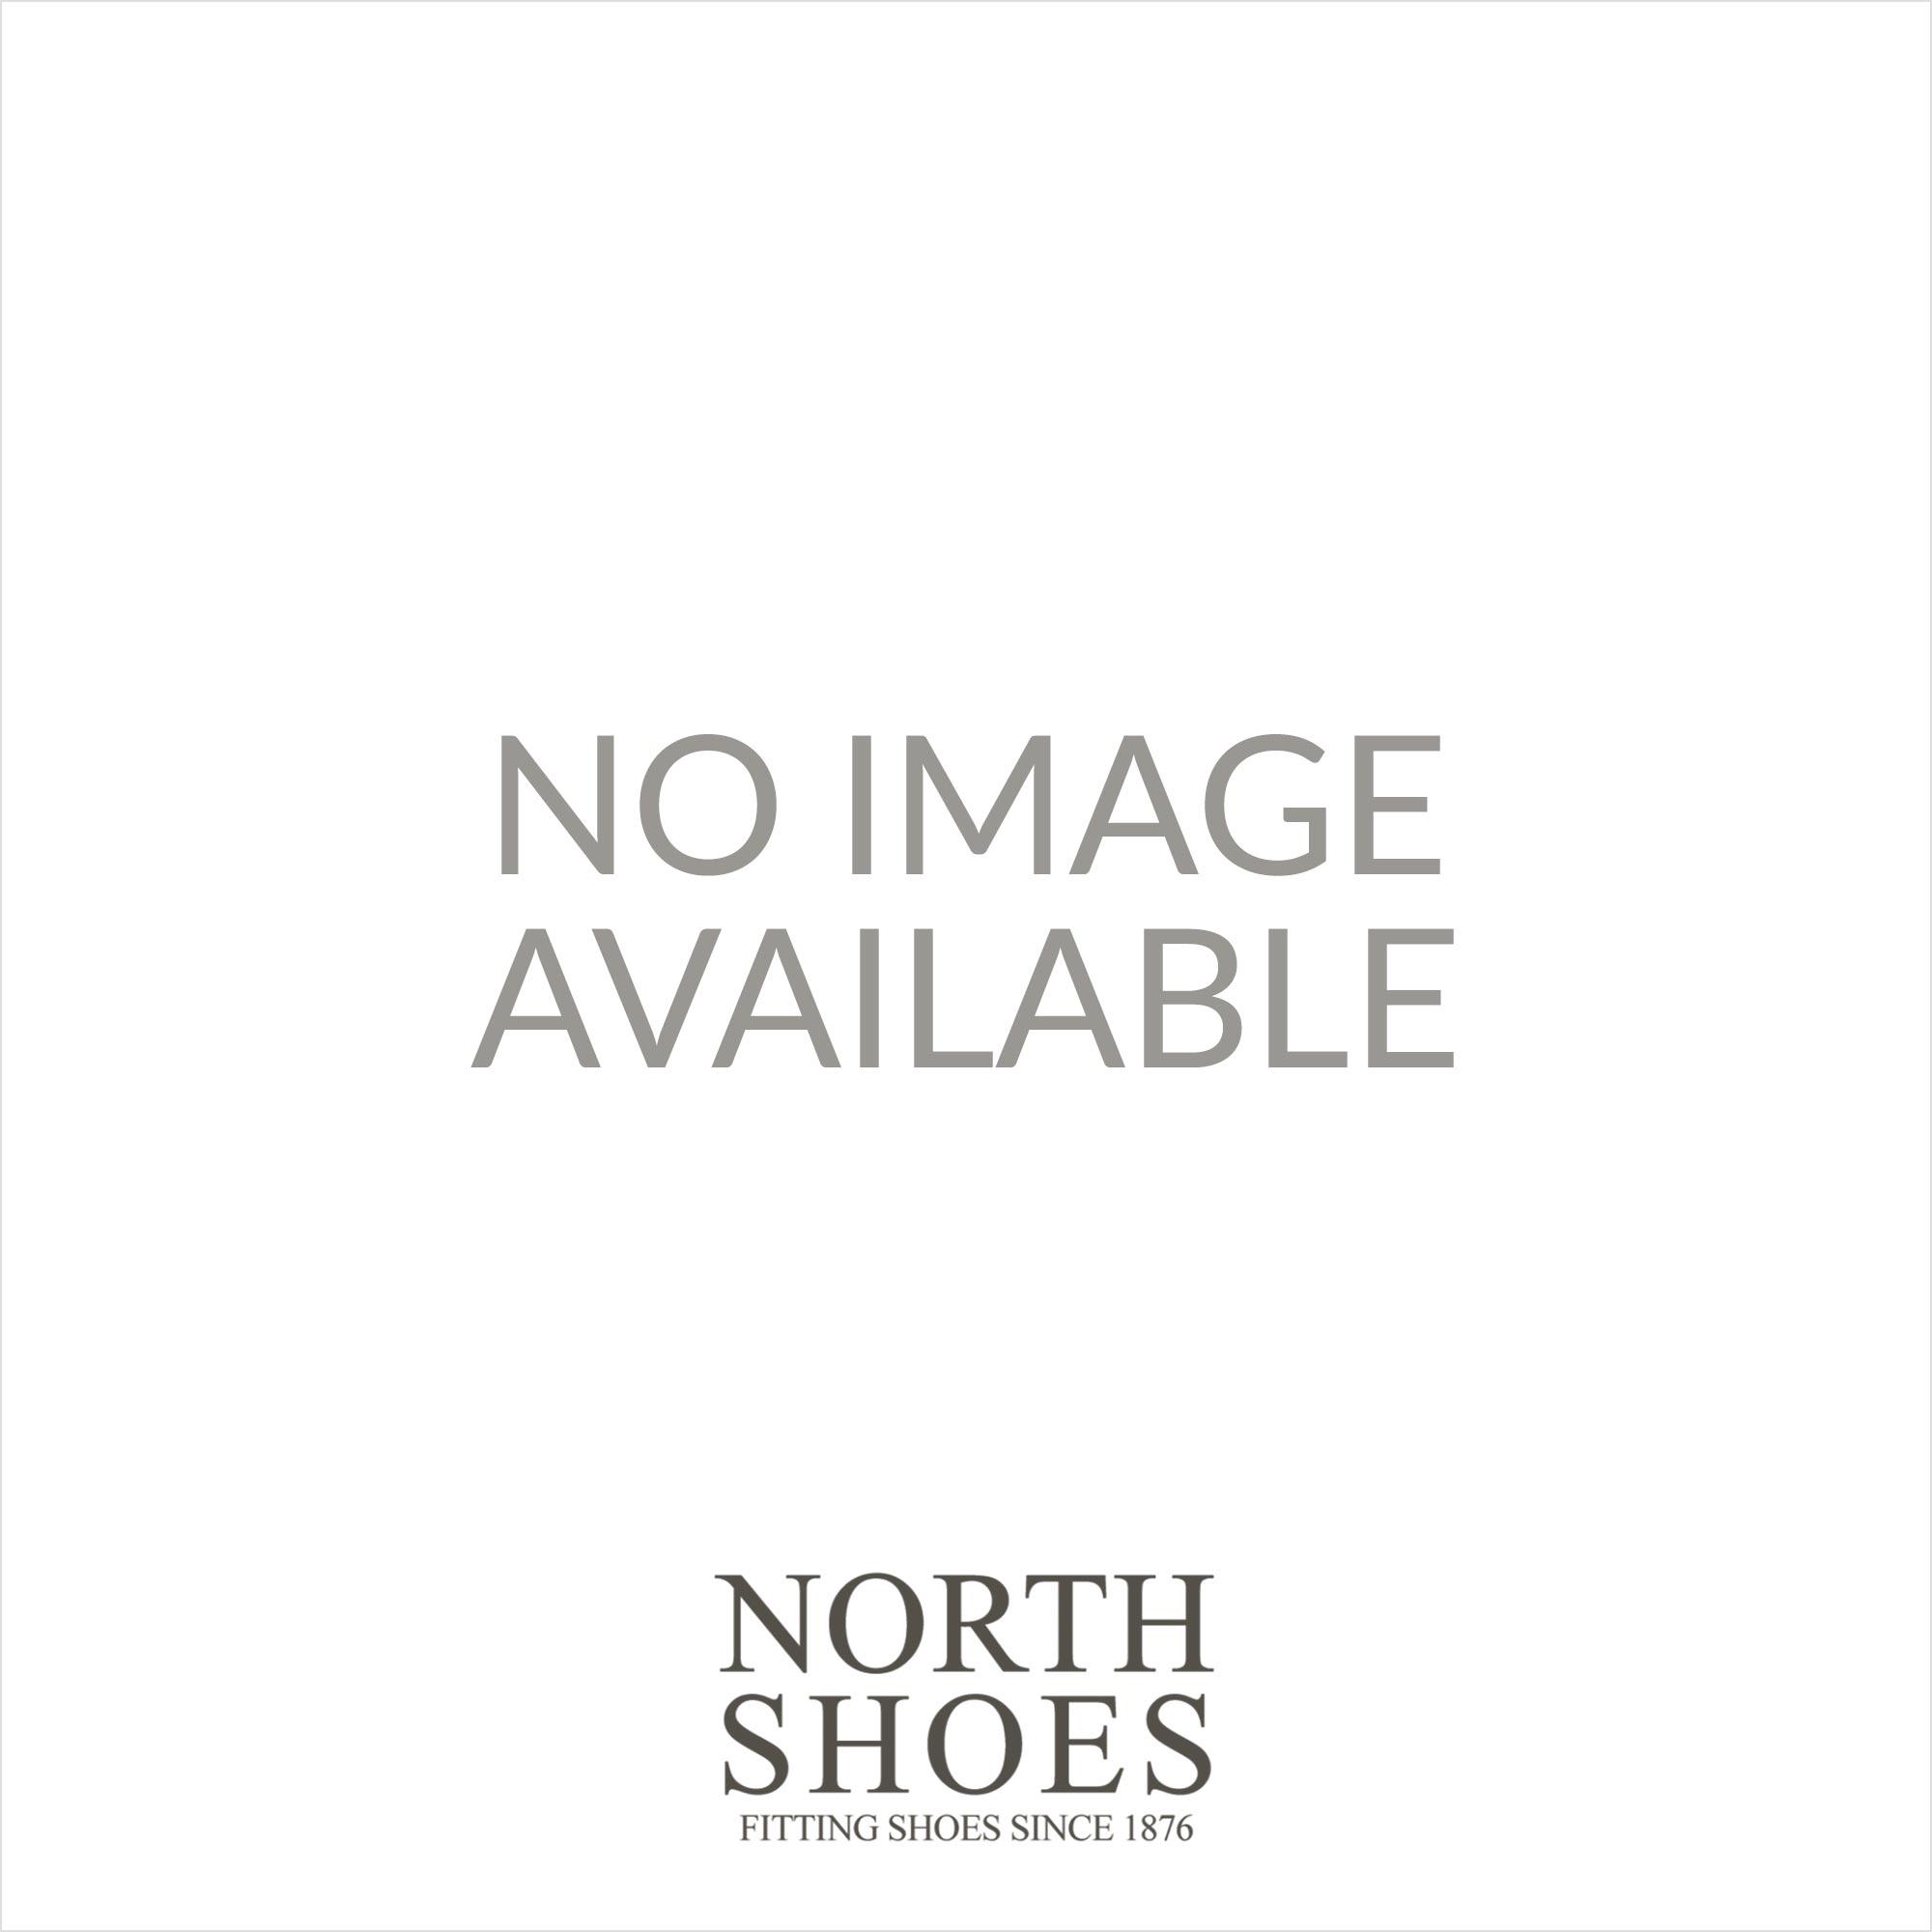 VA34AAF8N Turquoise Shoe